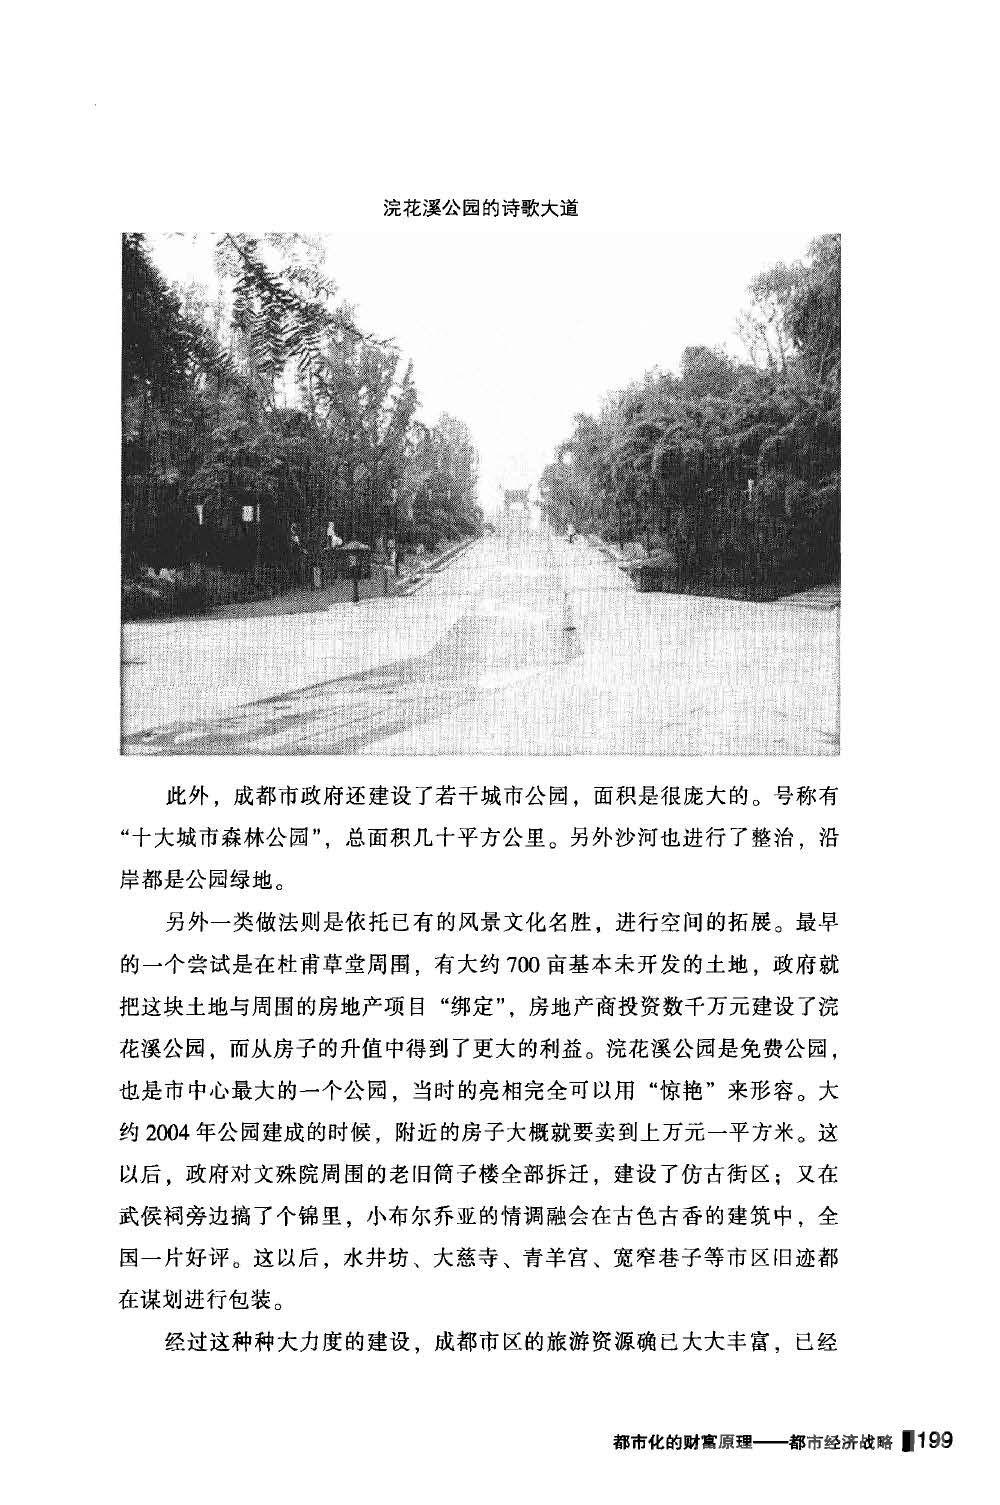 1-258_页面_199.jpg